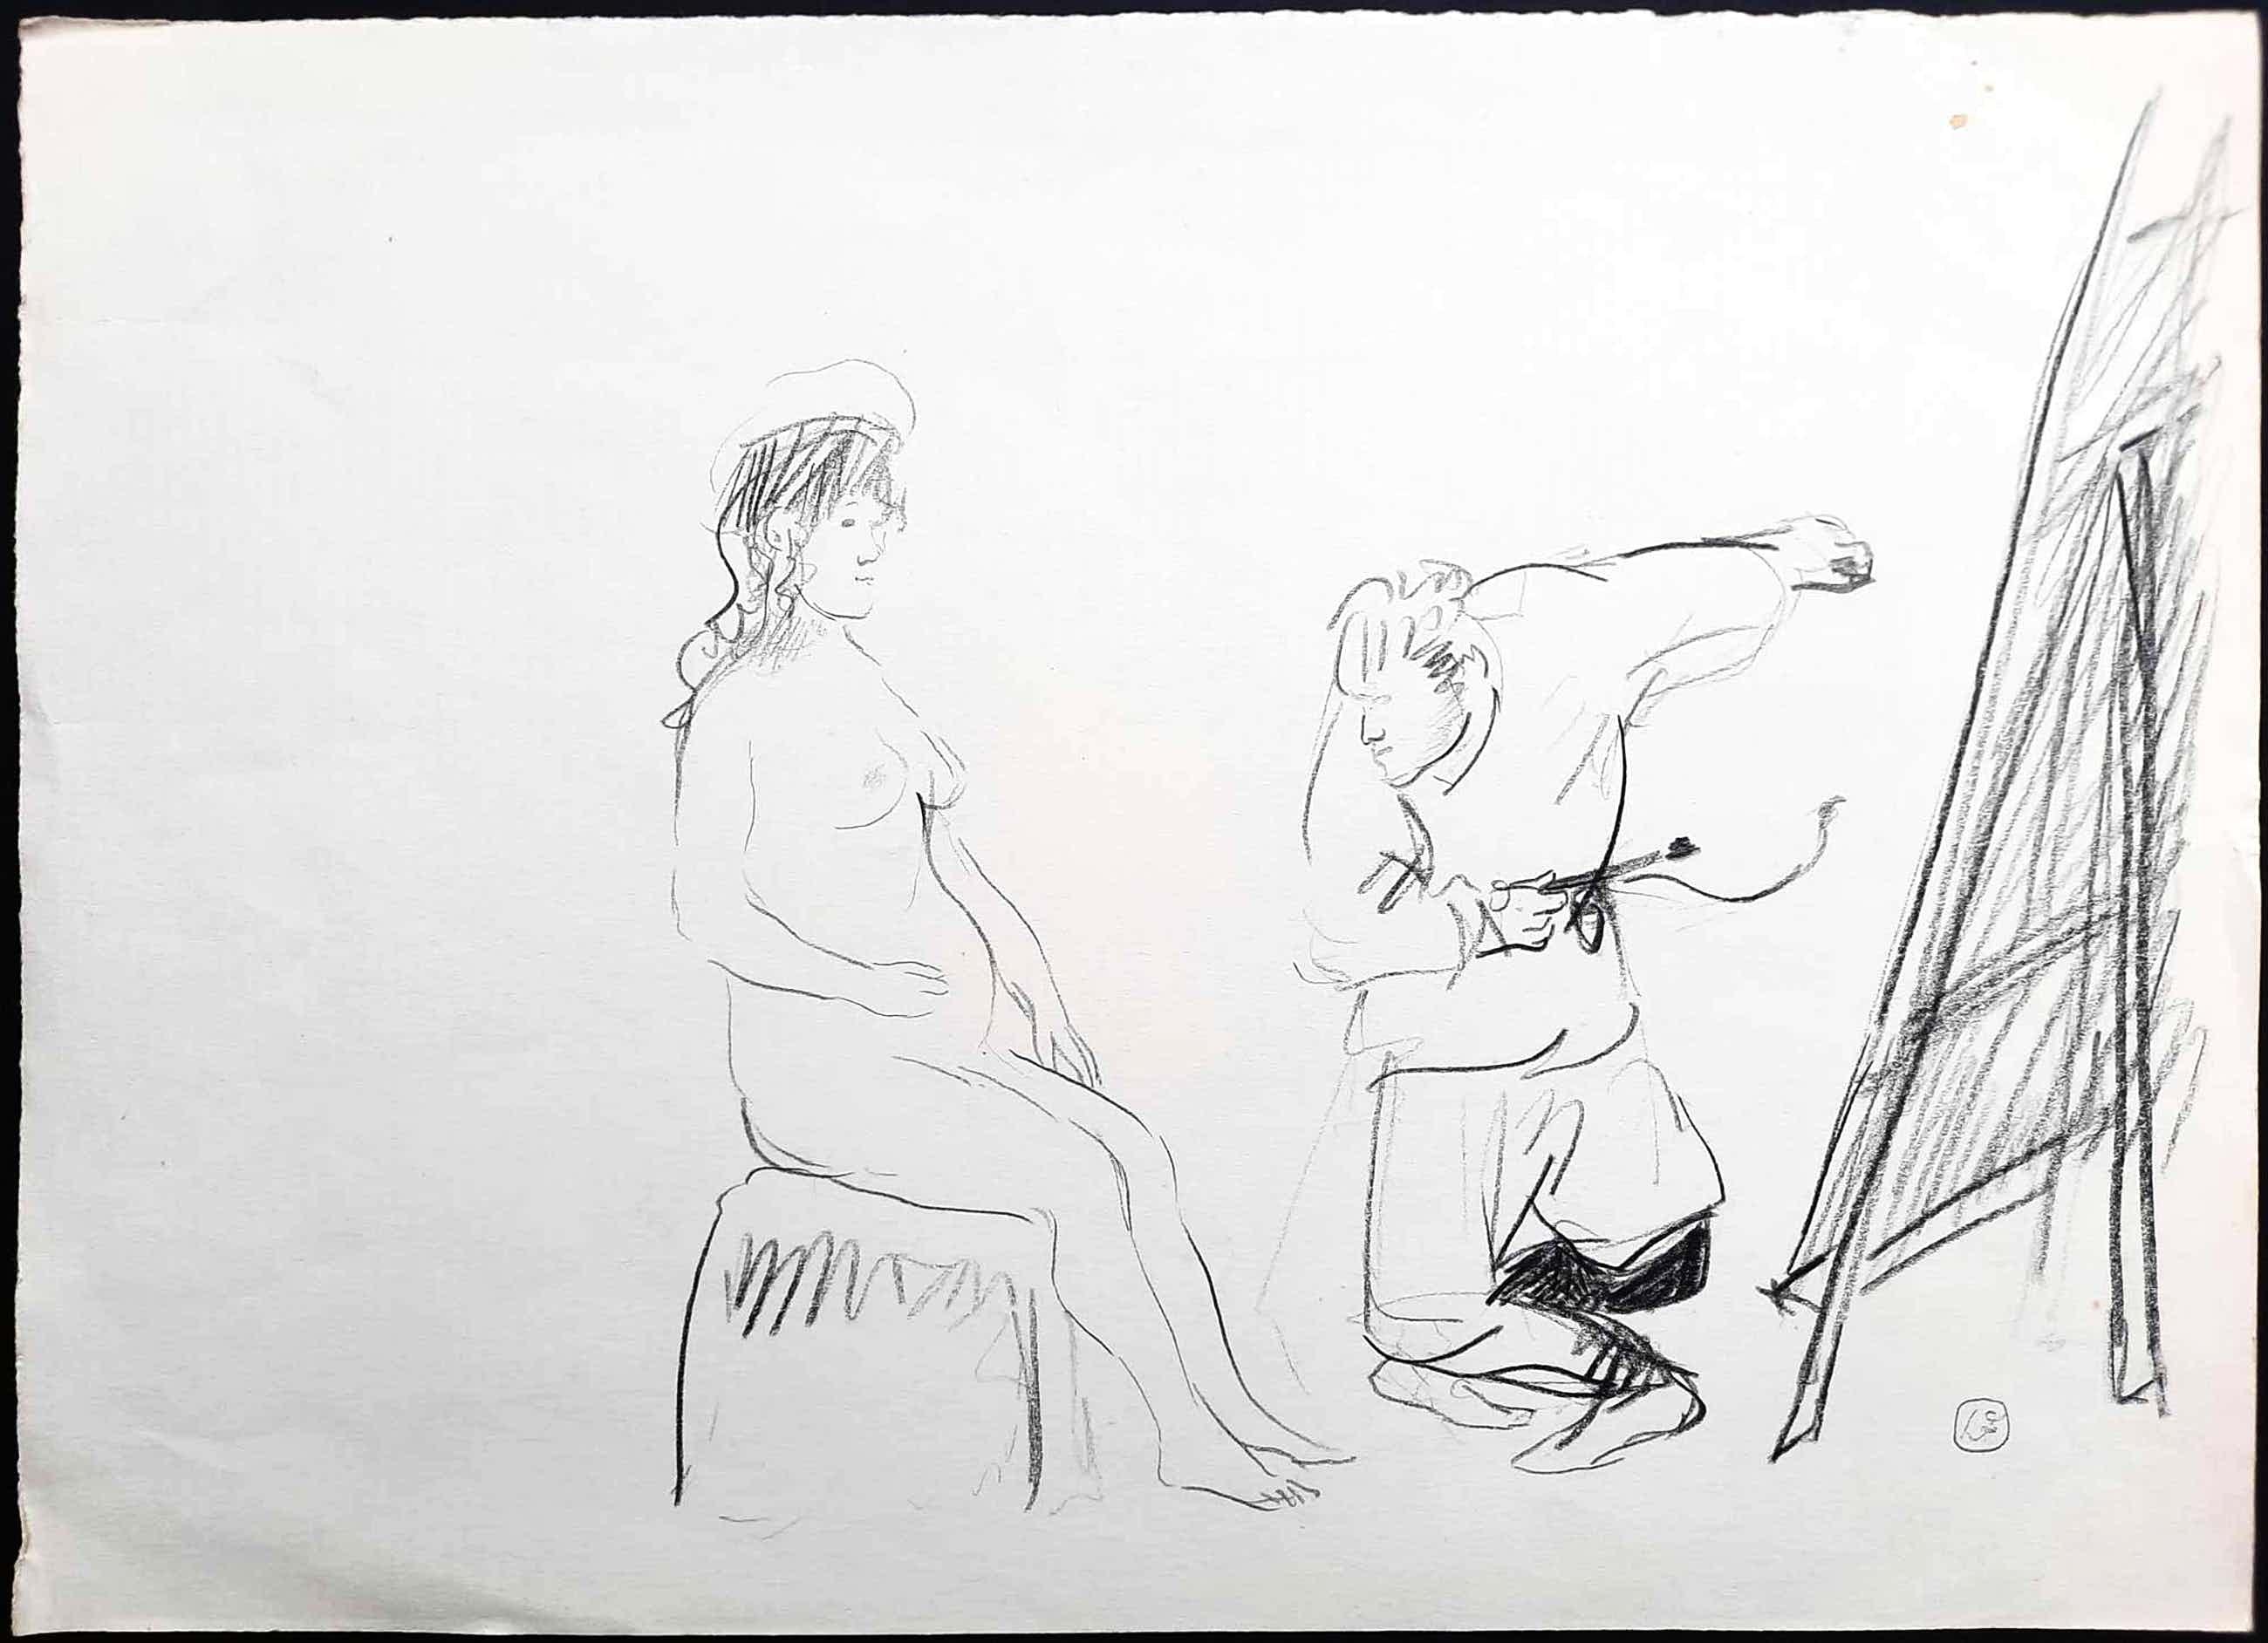 Luis Filcer - De schilder en zijn model – potloodtekening unicum - 21517 kopen? Bied vanaf 95!